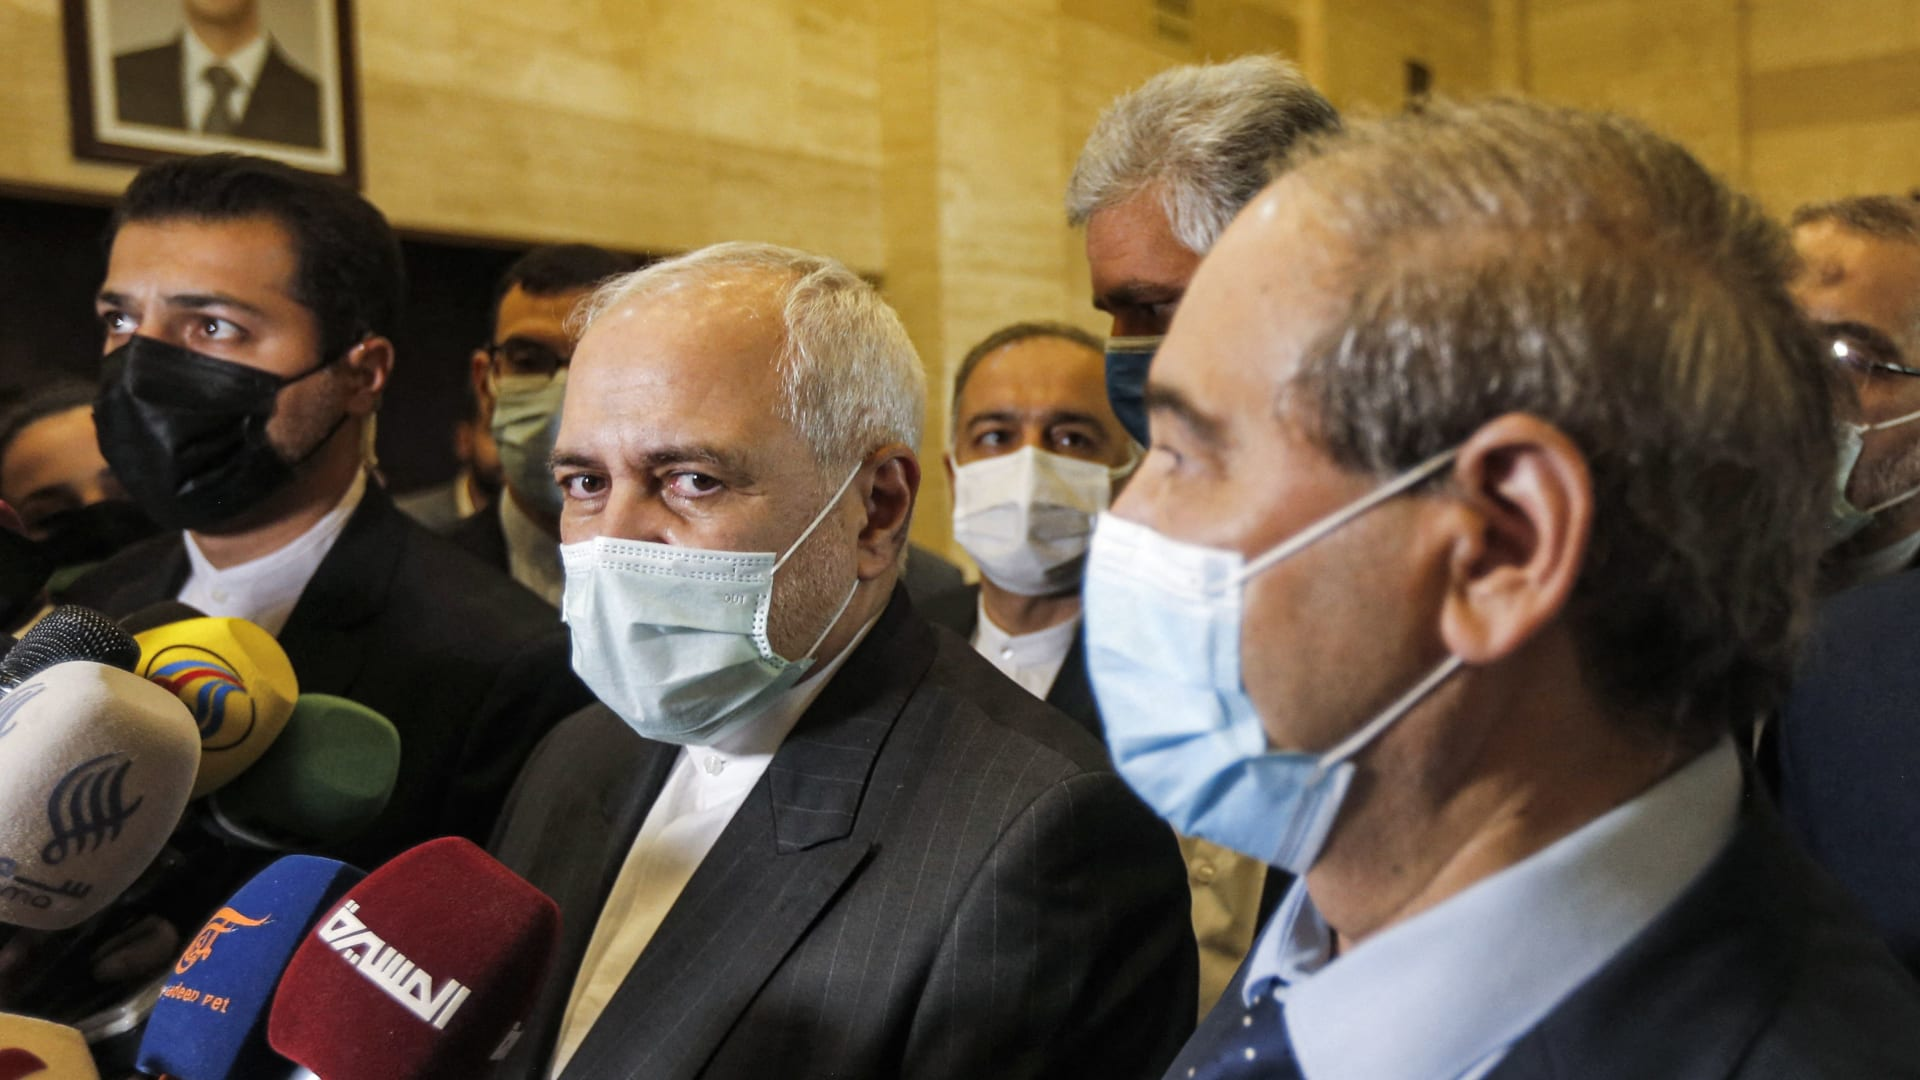 """ظريف يعلن عزم إيران افتتاح قنصلية في حلب ويتحدث عن """"علاقات وثيقة"""" مع السعودية"""